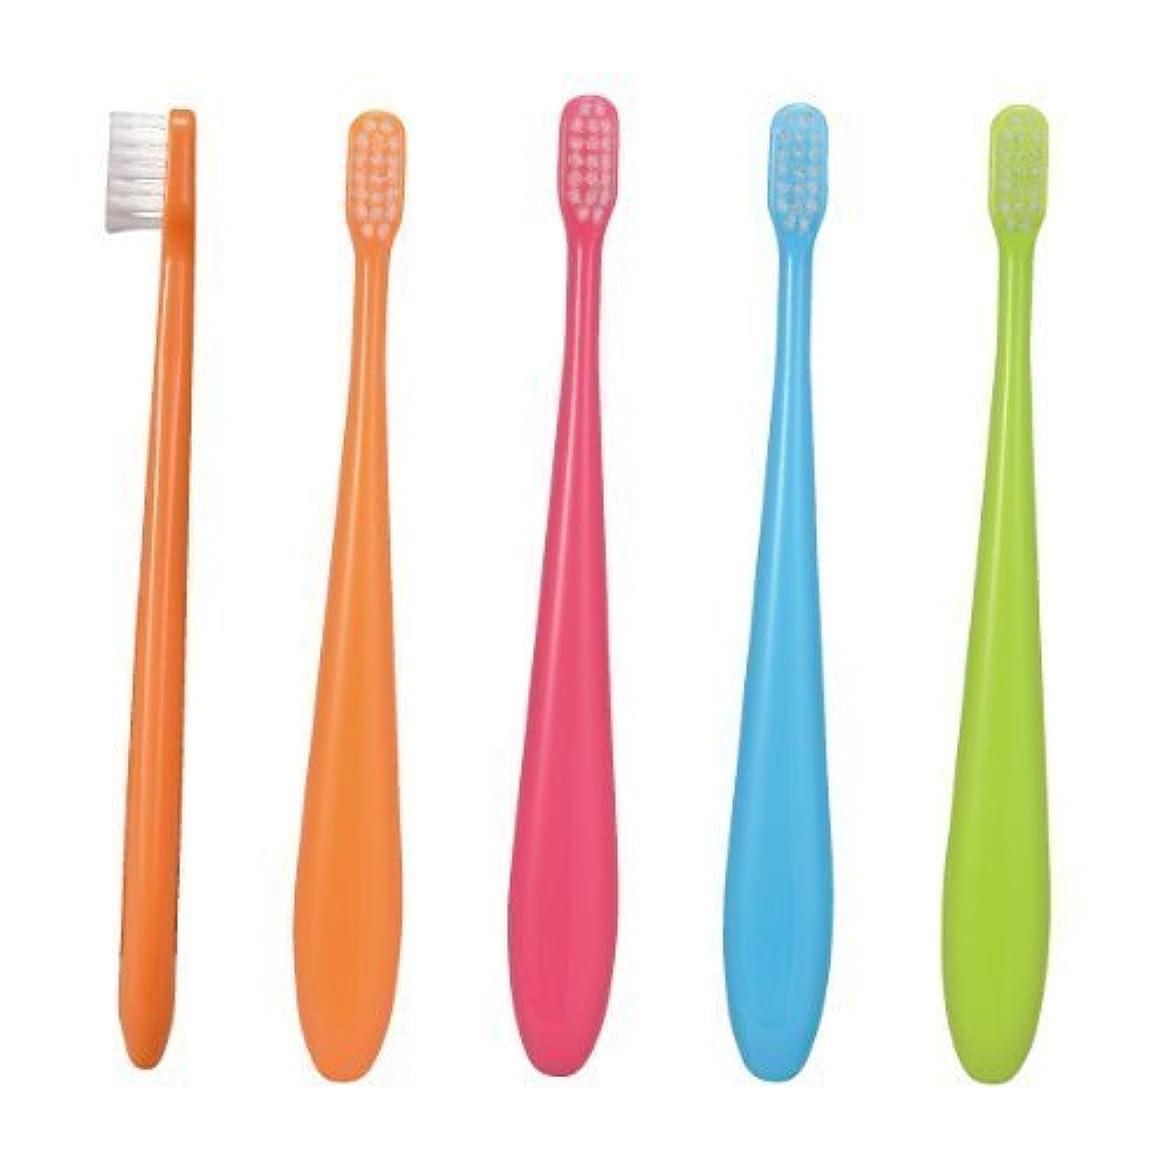 ブート酸化するブルームCiミニ歯ブラシ/ミディ 50本入り/Mふつう